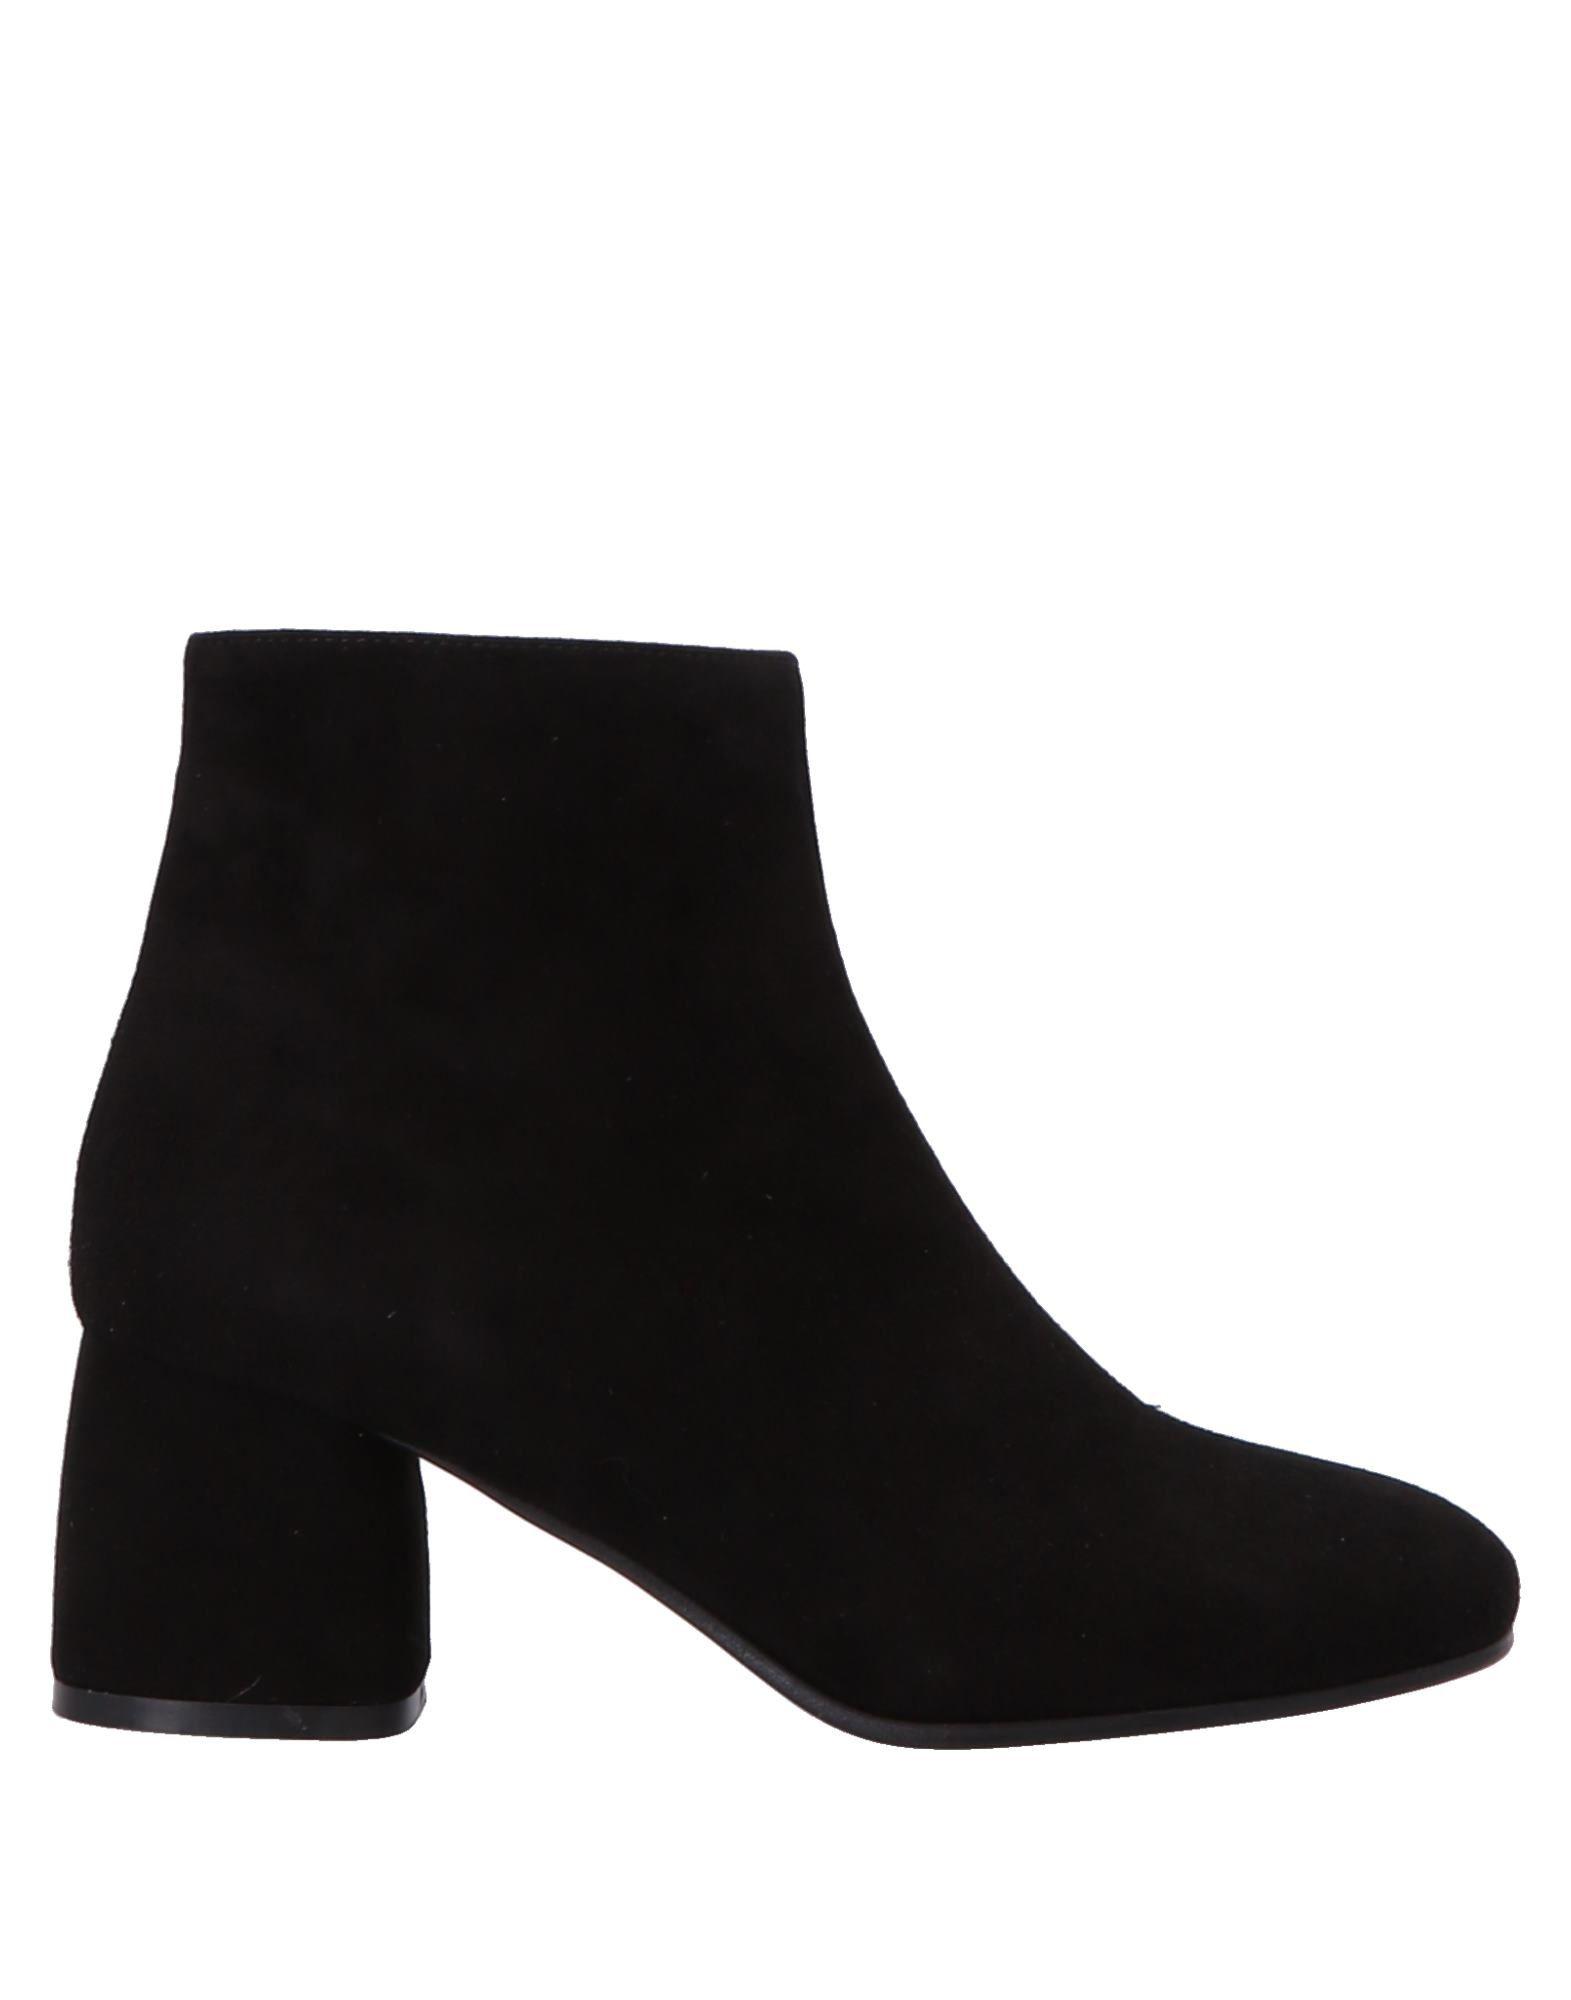 Köe Stiefelette Damen  Schuhe 11550573MD Gute Qualität beliebte Schuhe  3fa623